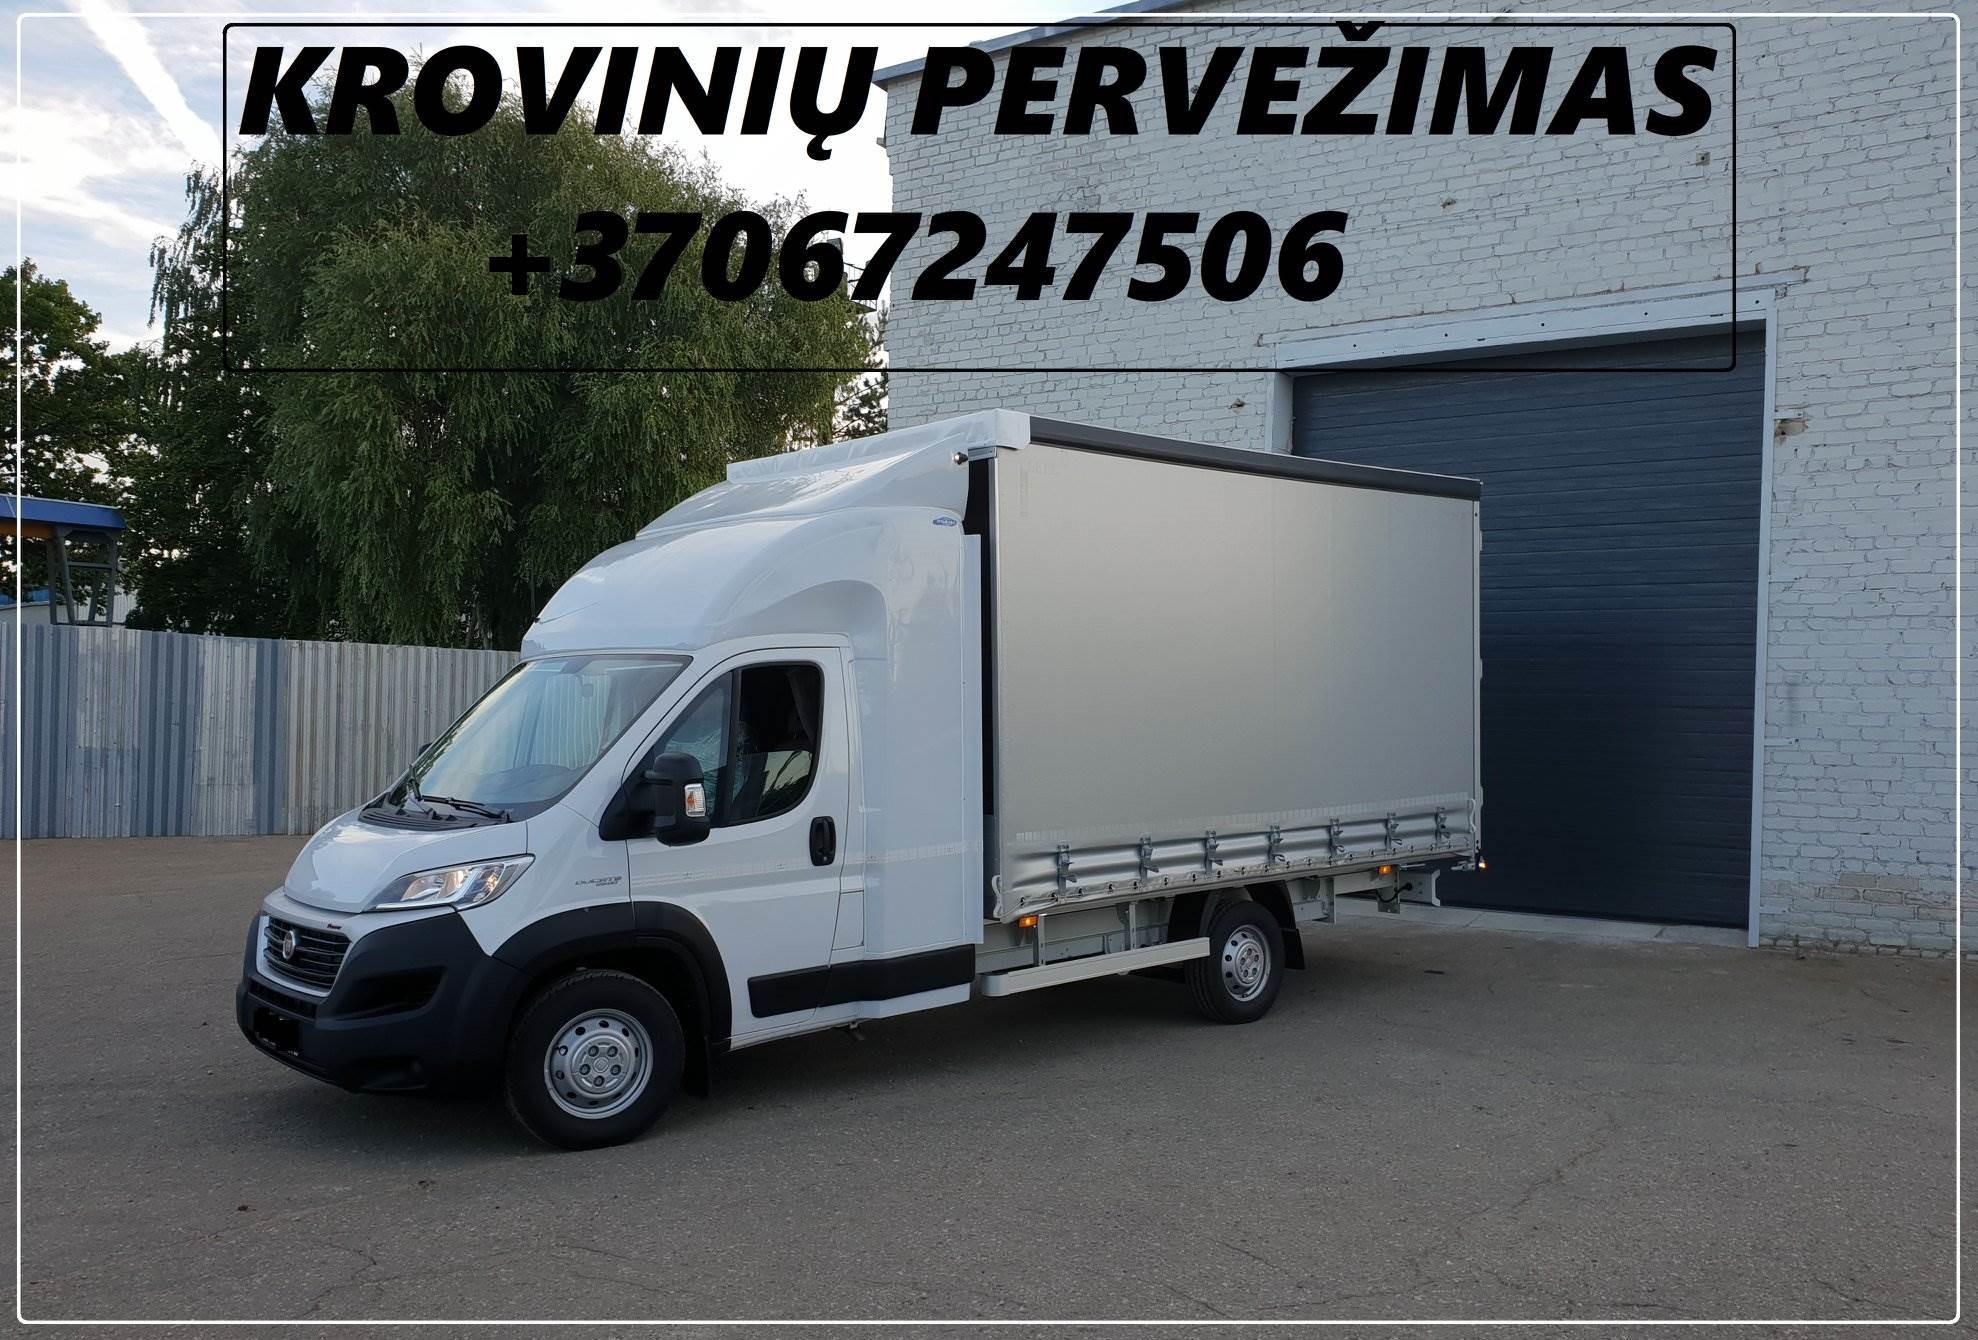 Express cargo – skubių krovinių pervežimas Europoje mikroautobusais iki 3,5 tonos EL.PAŠTAS: info@voris.lt ; SKYPE: voris.uab TEL.NR.: +37067247506 ;